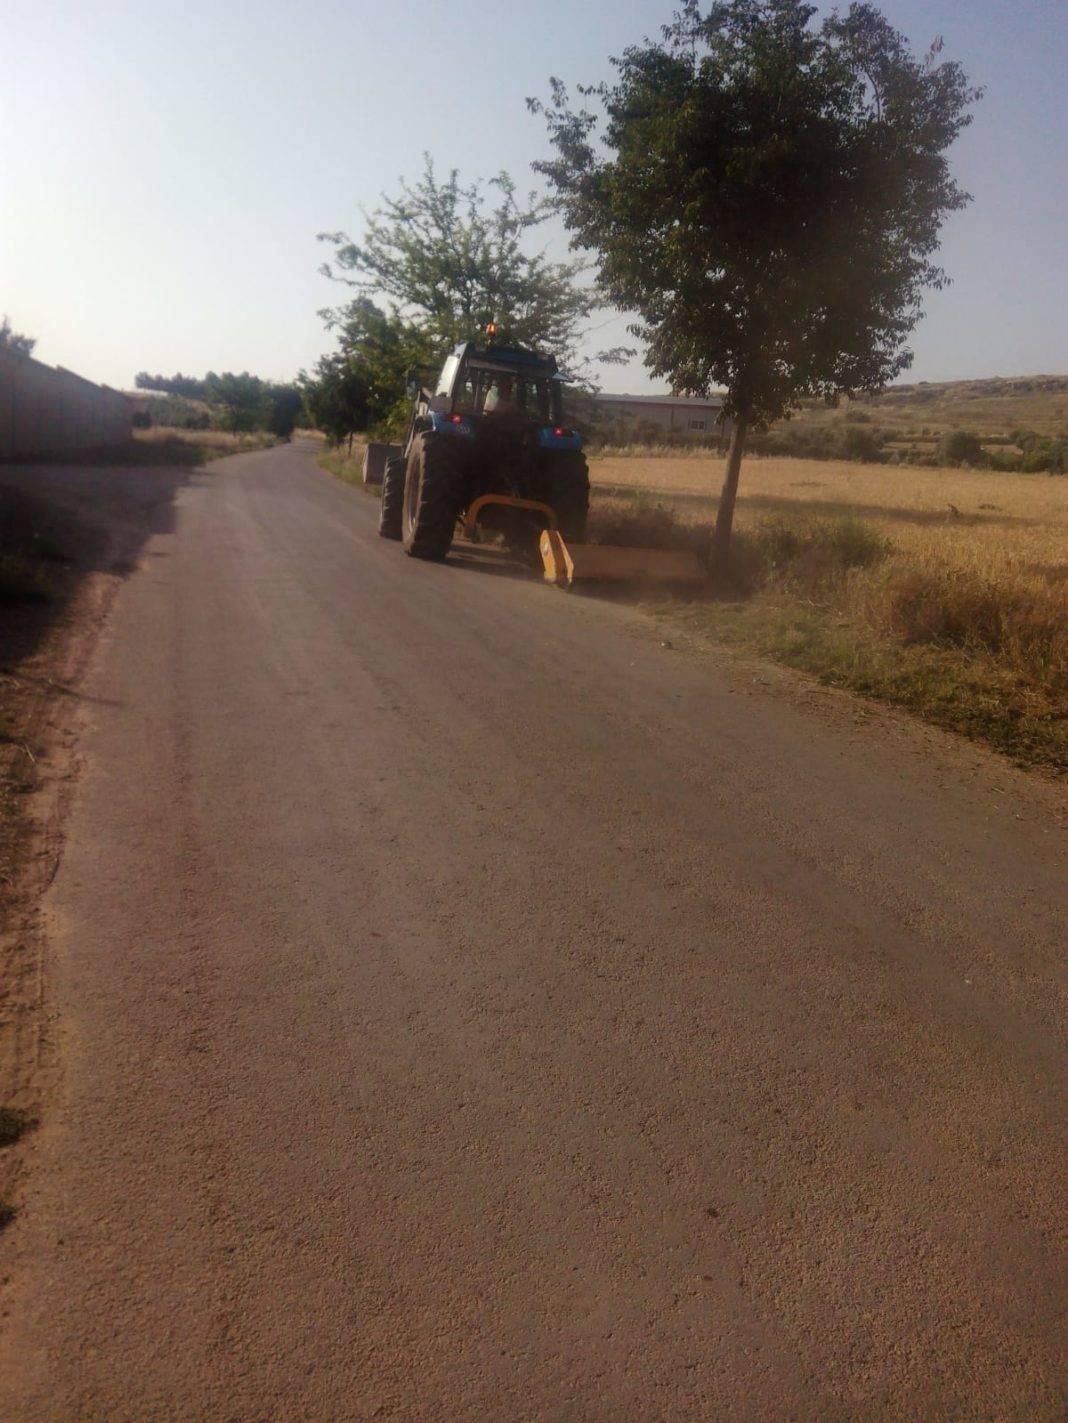 acondicionamiento camino san cristobal 1068x1423 - Limpieza de las cunetas y firmes del camino de San Cristobal